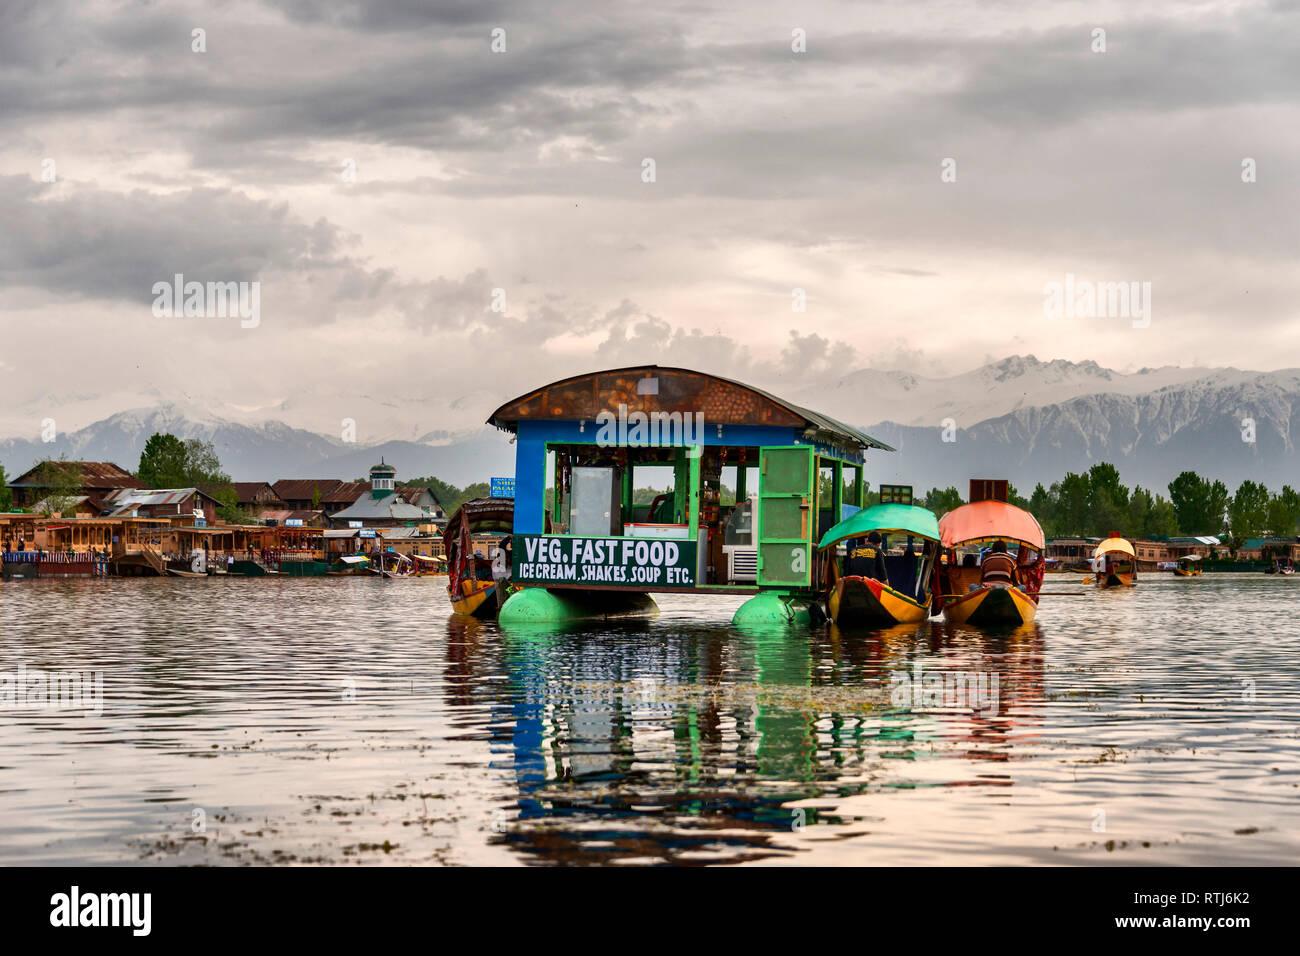 Dal lake, à Srinagar, Jammu-et-Cachemire, J&K, Inde Banque D'Images